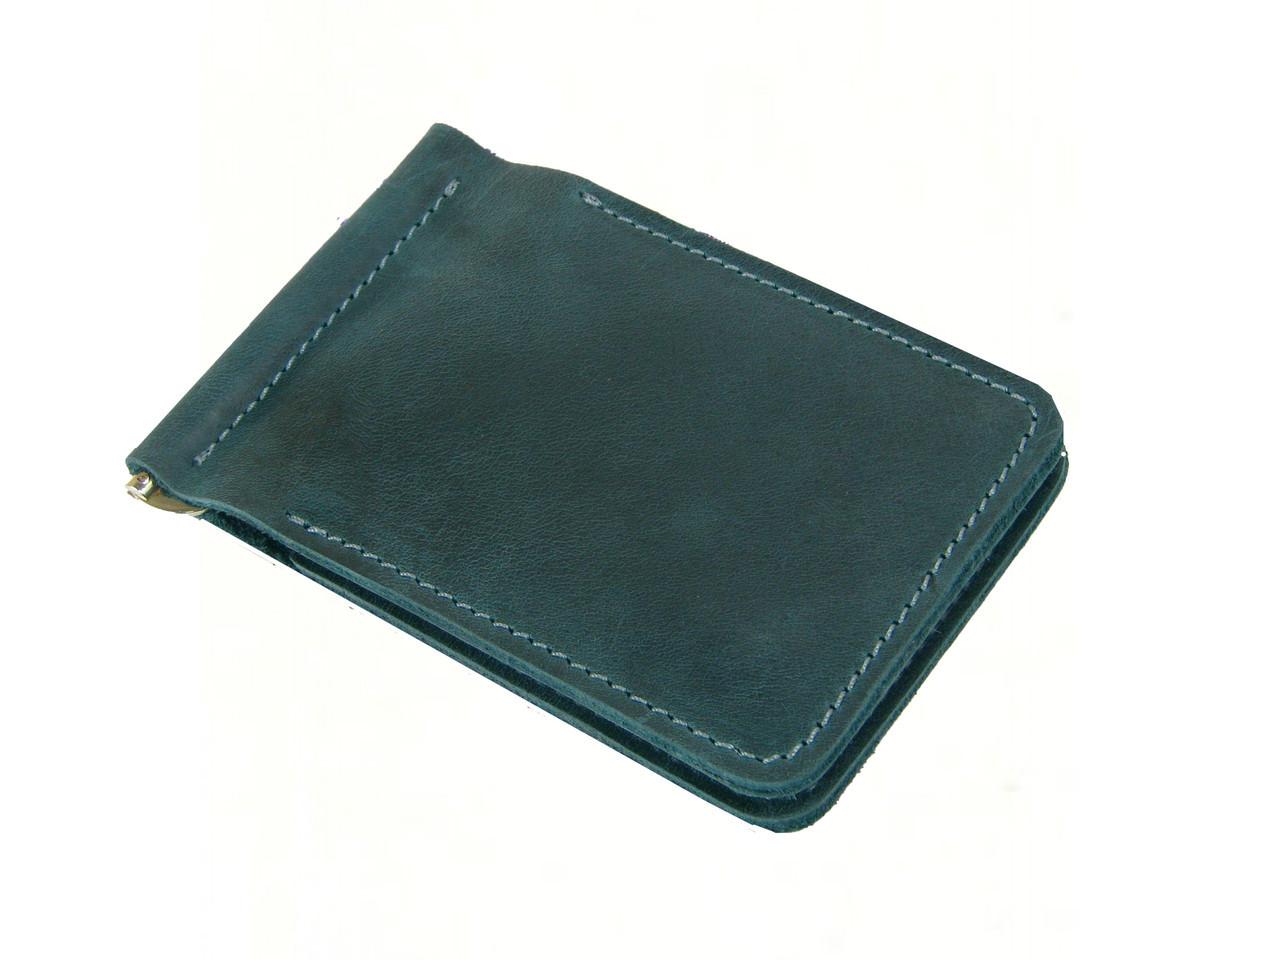 Мужской тонкий кошелек с зажимом для купюр GS кожаный зеленый